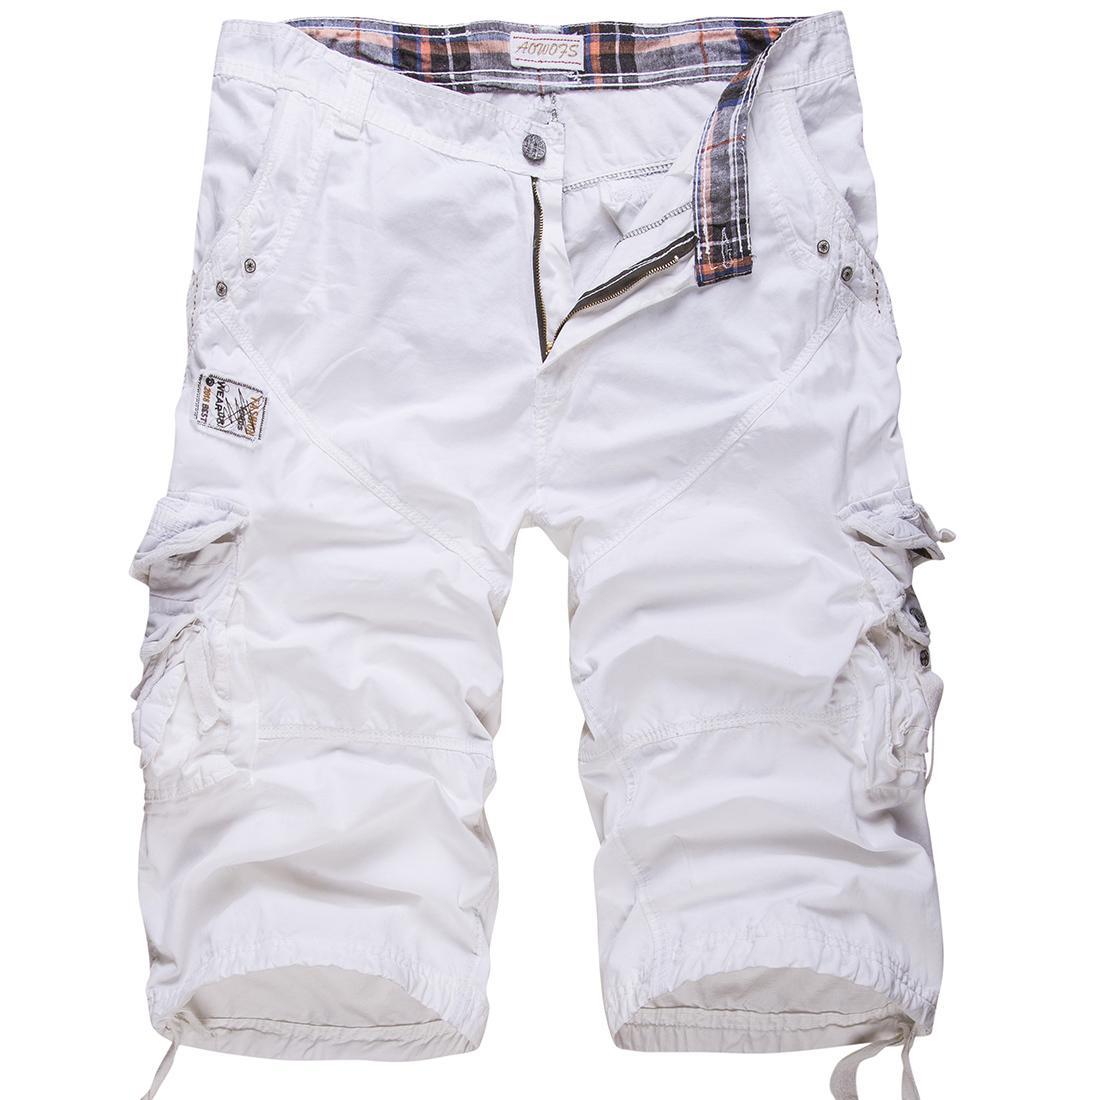 shorts ocasionais novos dos homens de algodão solta grandes calções tamanho de carga de cor retalhos sólida calções militares branca comprimento do joelho tático Y200511